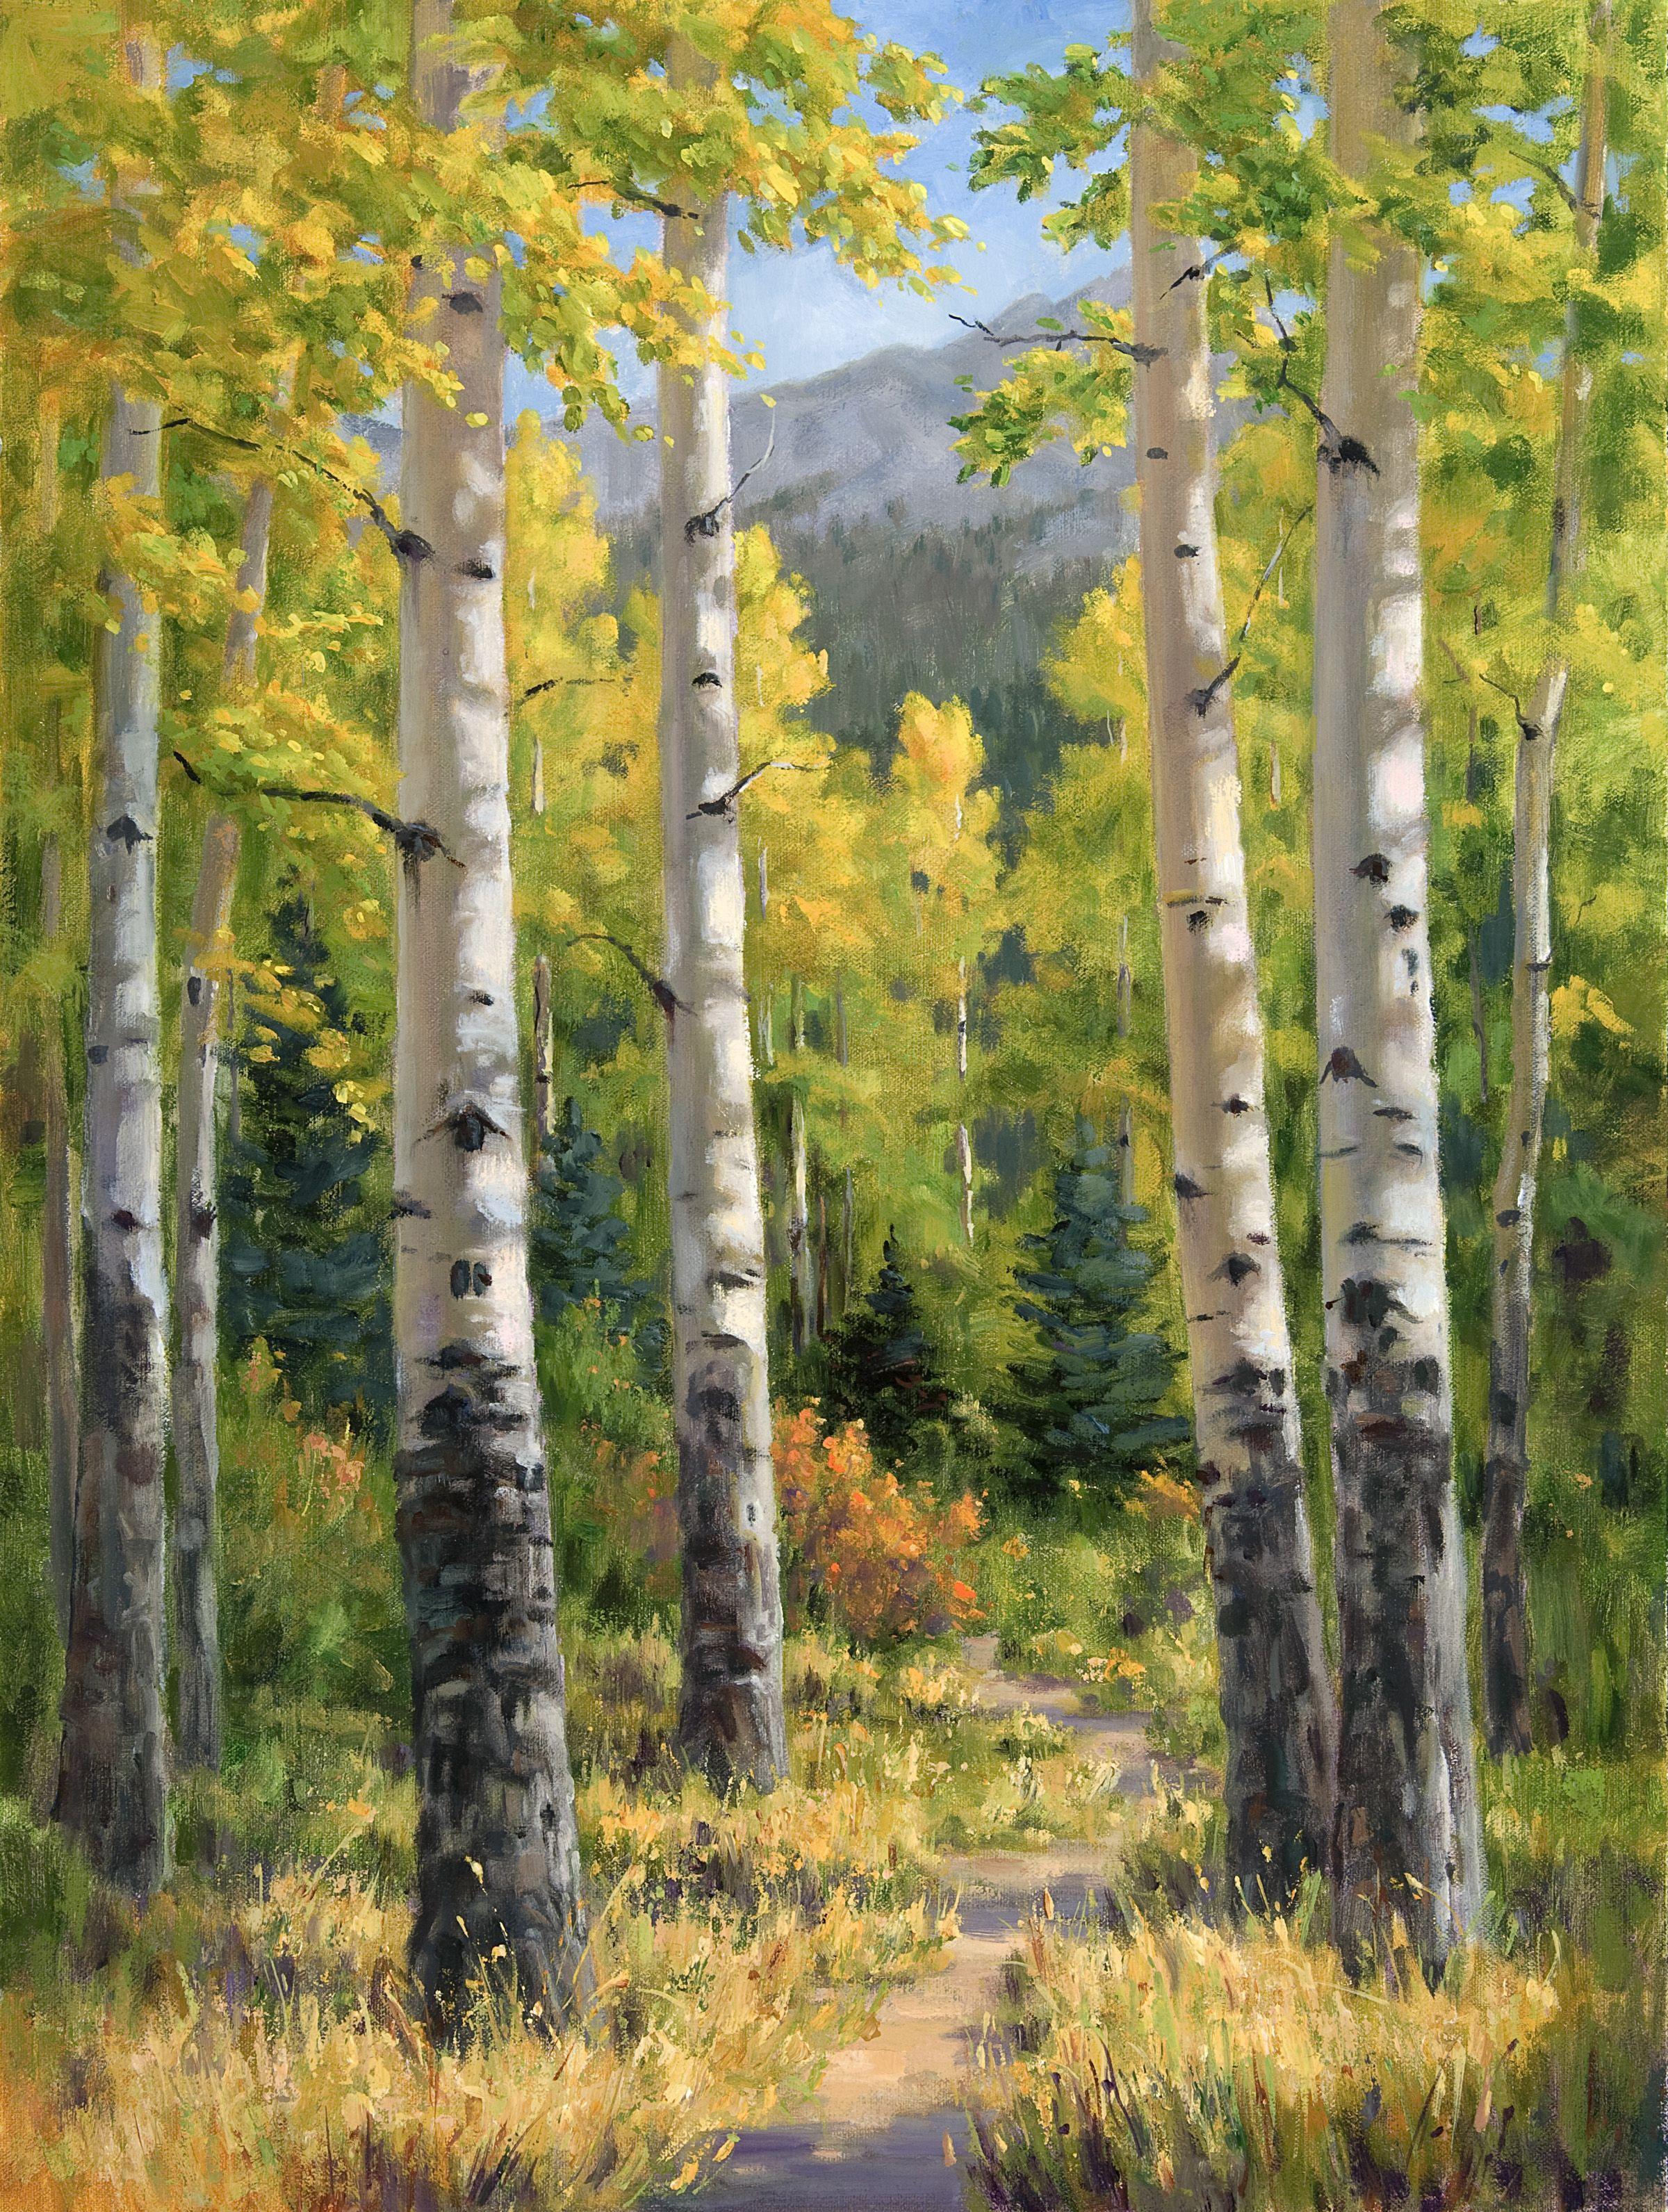 Smith_AutumnPath_16x12_oil_1450.jpg   ART   Pinterest   Aspen ...